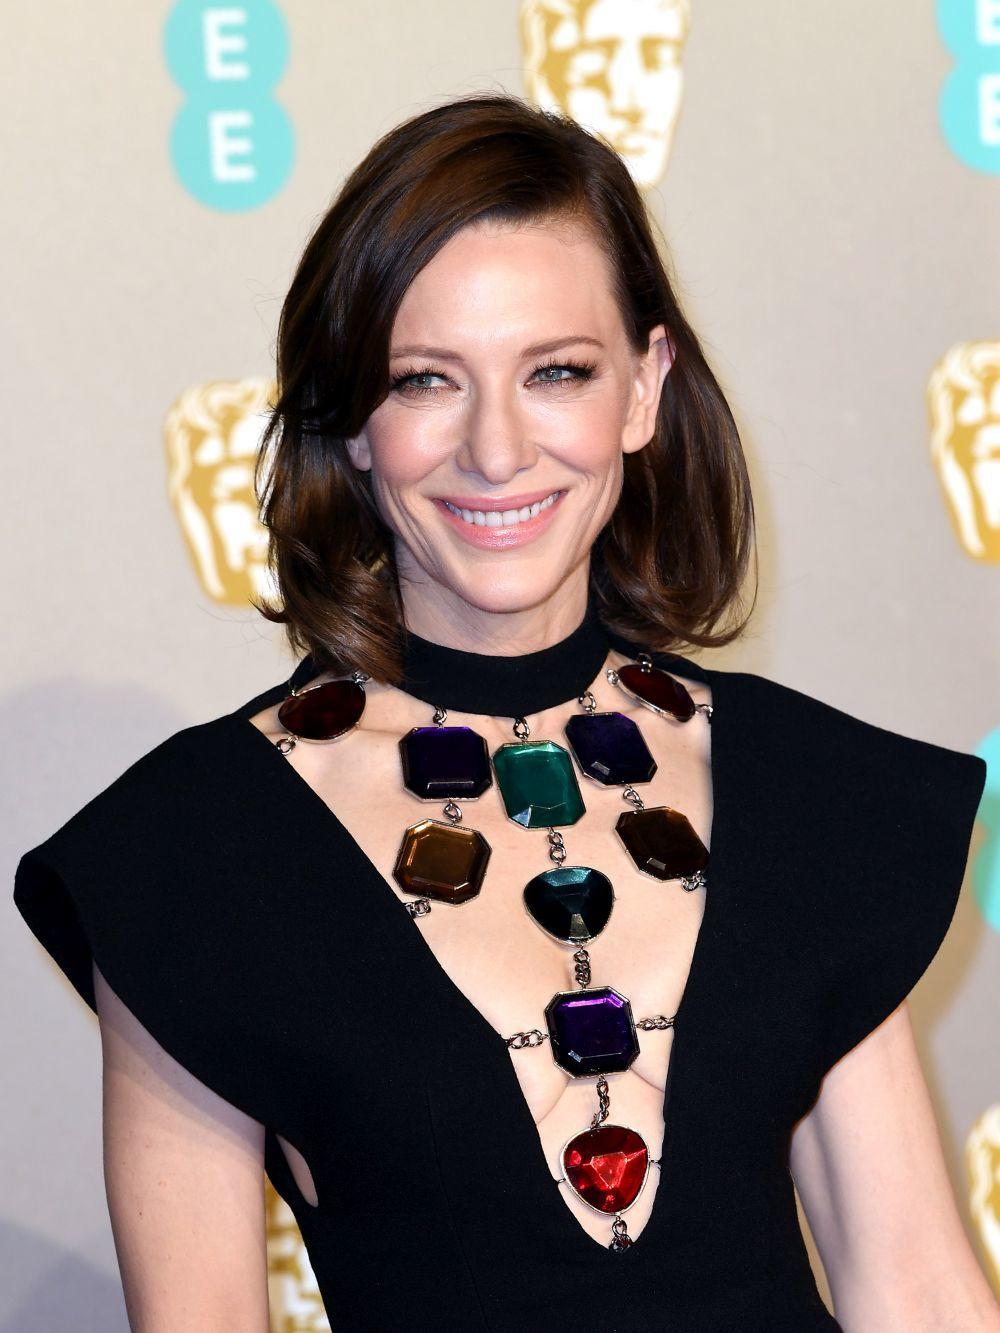 La actriz Cate Blanchett son su nuevo color de pelo castaño con el que ha triunfado en los BAFTA 2019.